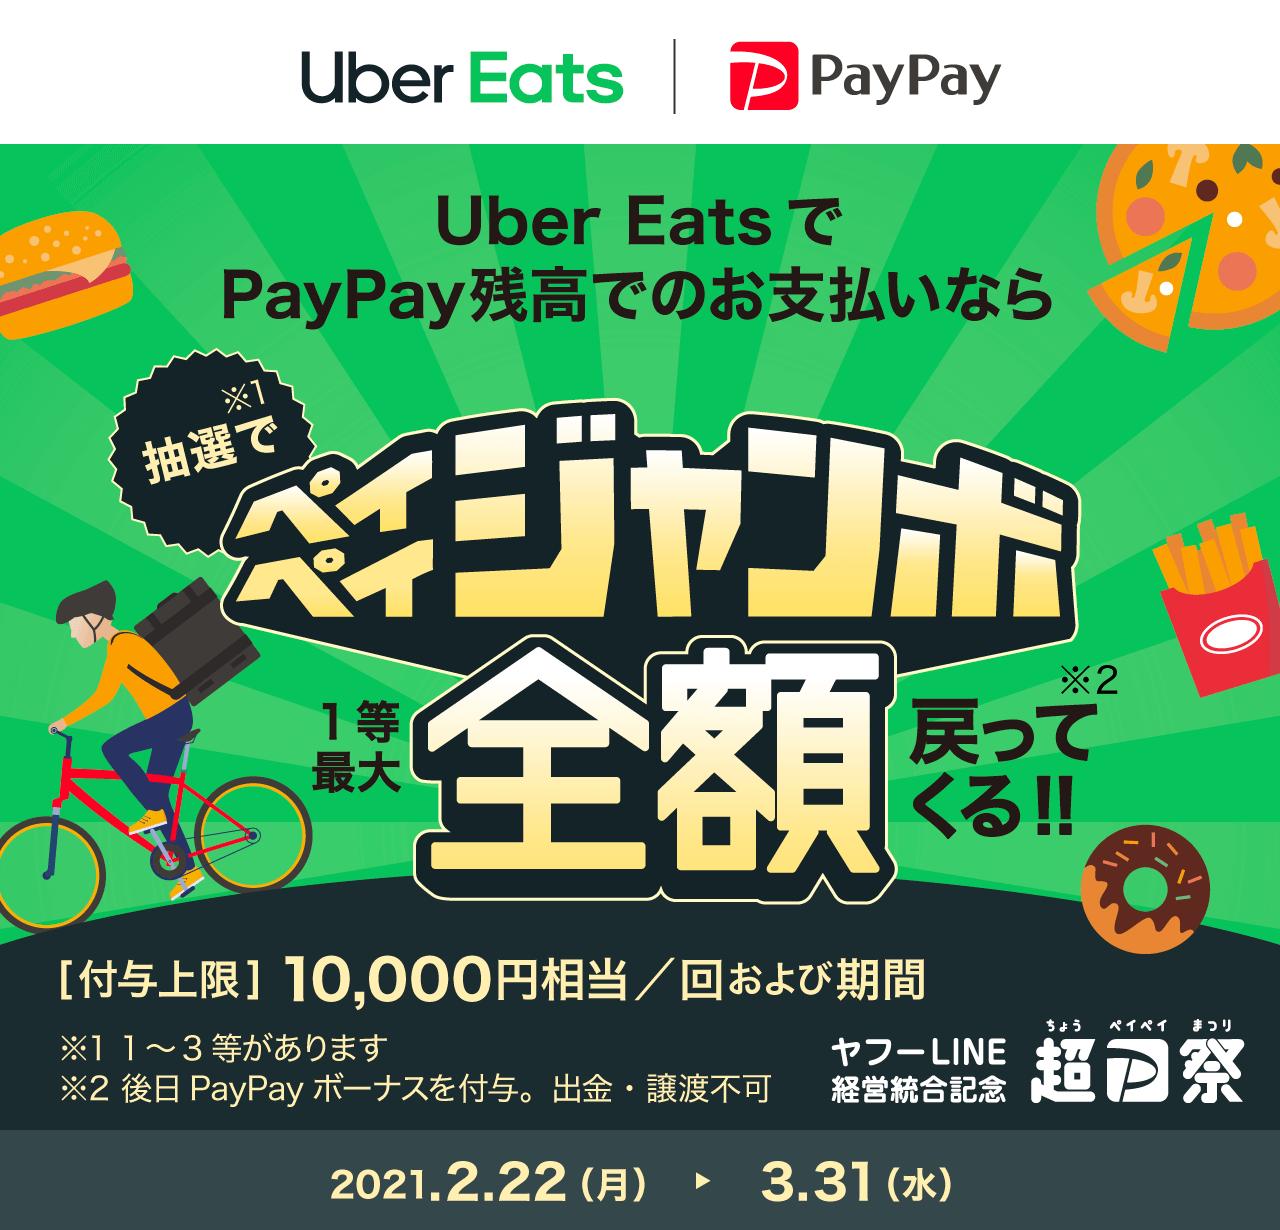 Uber EatsでPayPay残高でのお支払いなら抽選でペイペイジャンボ1等最大全額もどってくる!!